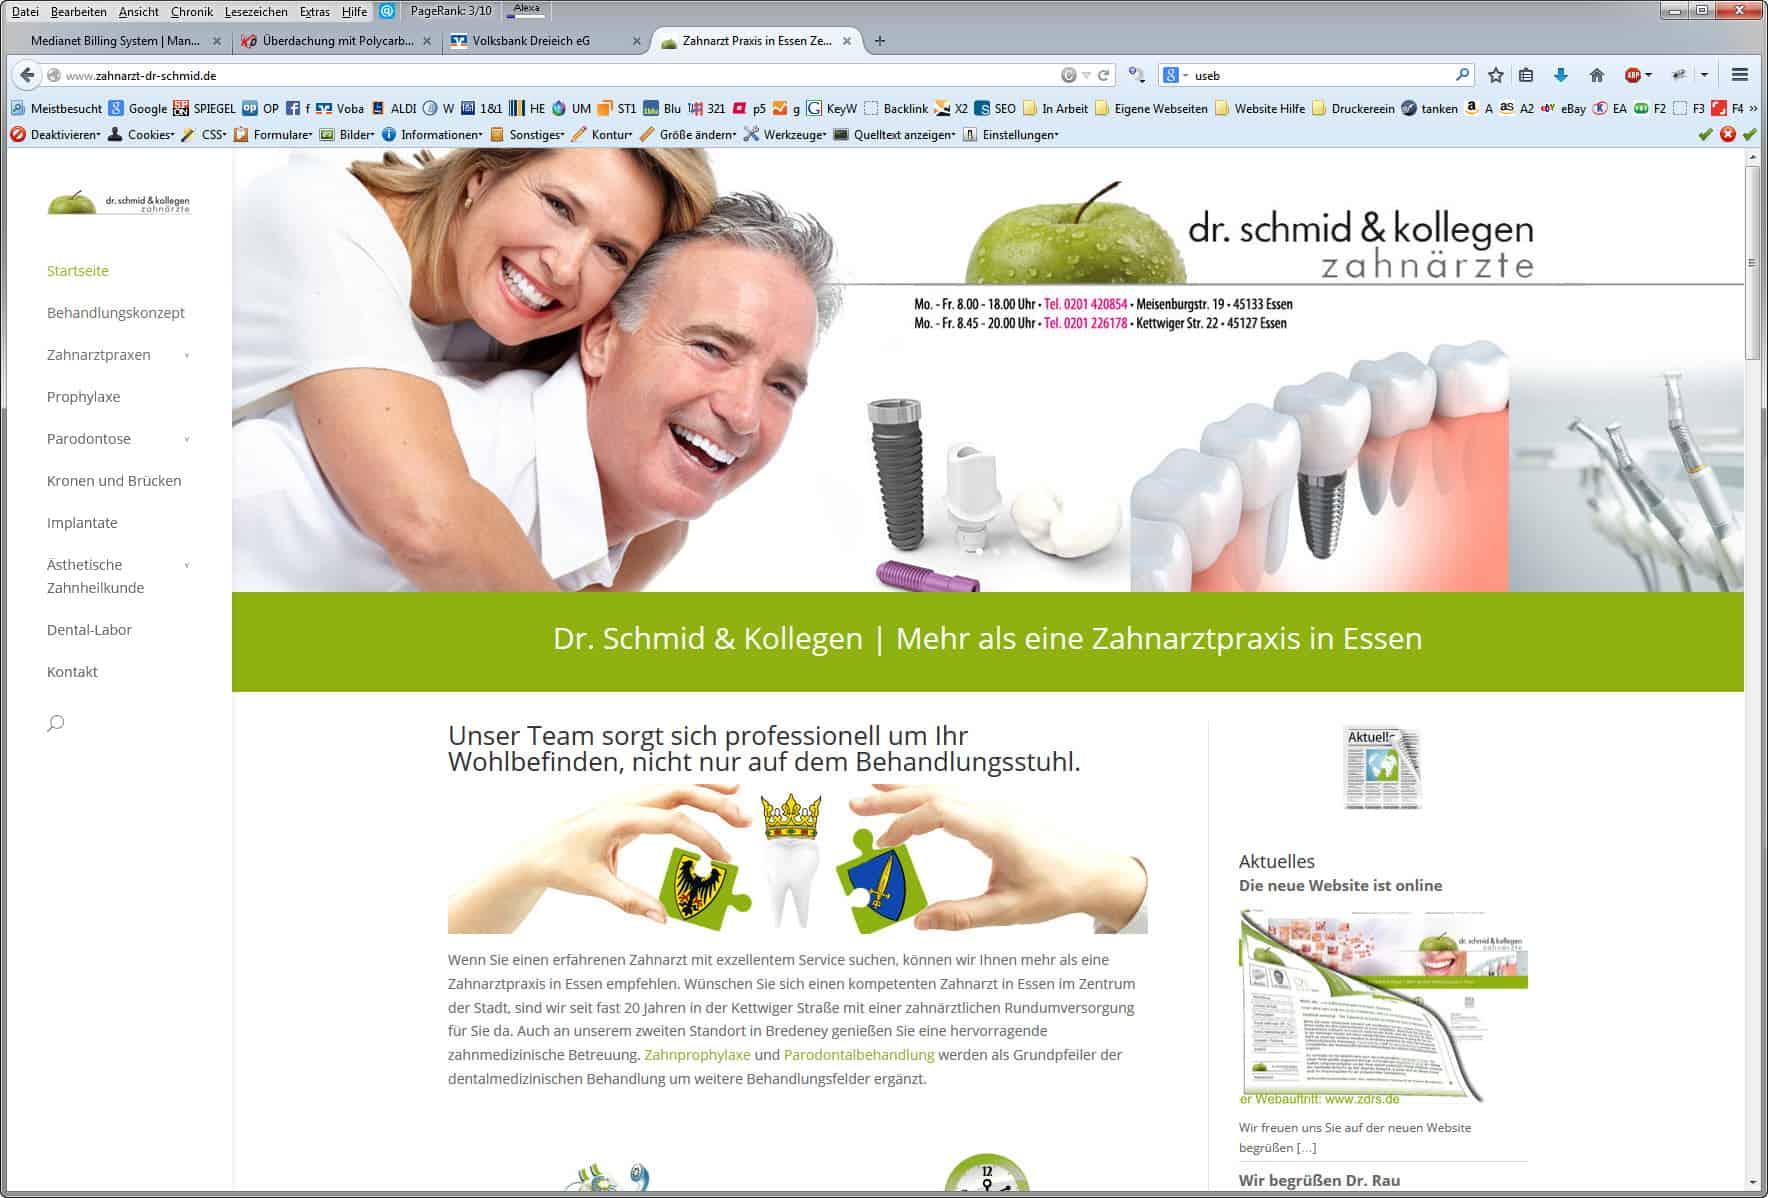 Fußbereich der Zahnarzt Homepage mit SEO Links